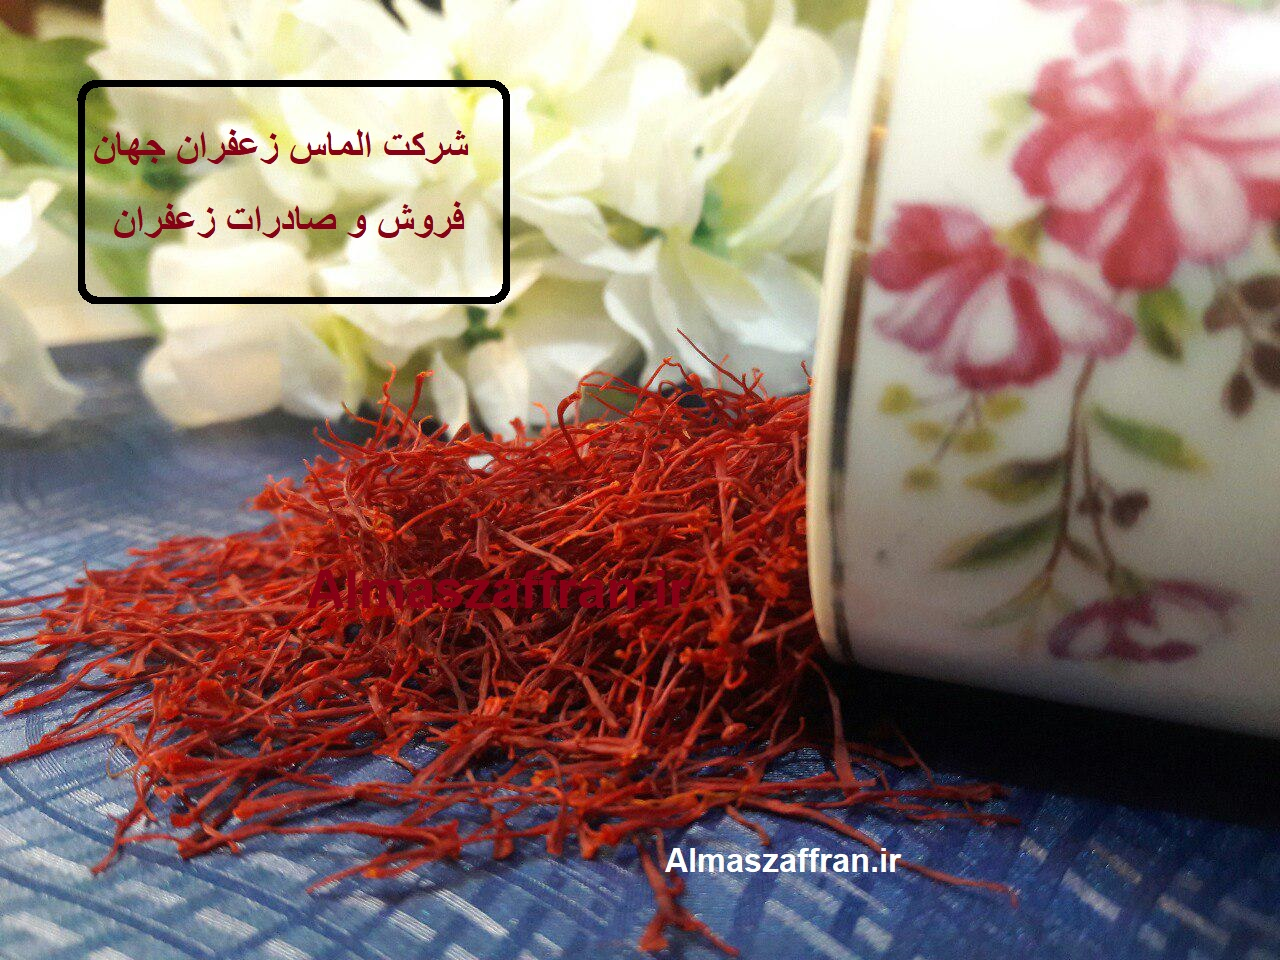 فروش زعفران صادراتی